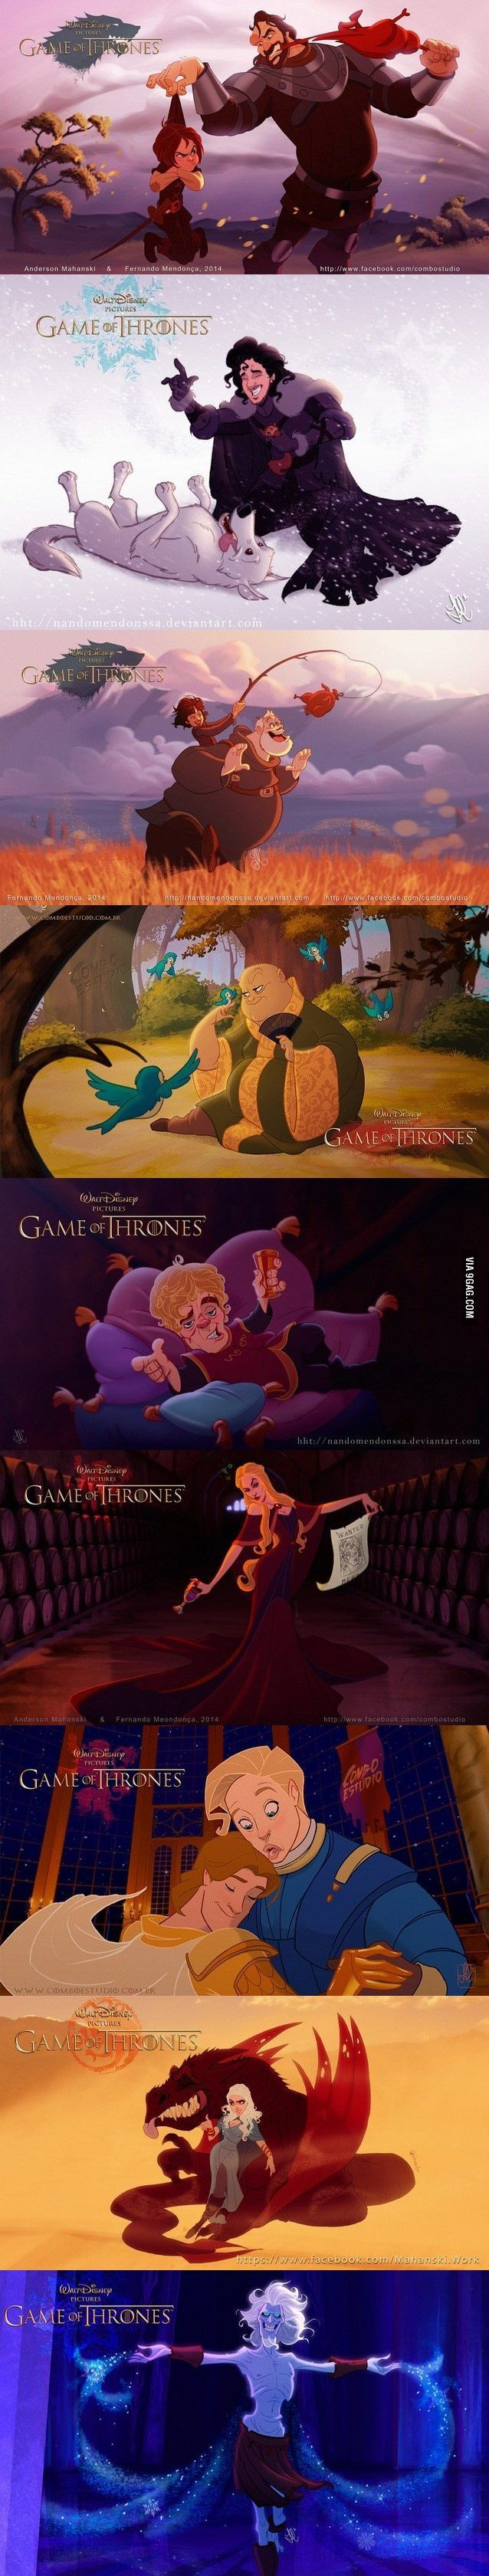 Wie Game Of Thrones aussieht, wenn es von Disney hergestellt wurde - #aussieht #disney #es #Game #hergestellt #thrones #von #wenn #Wie #wurde